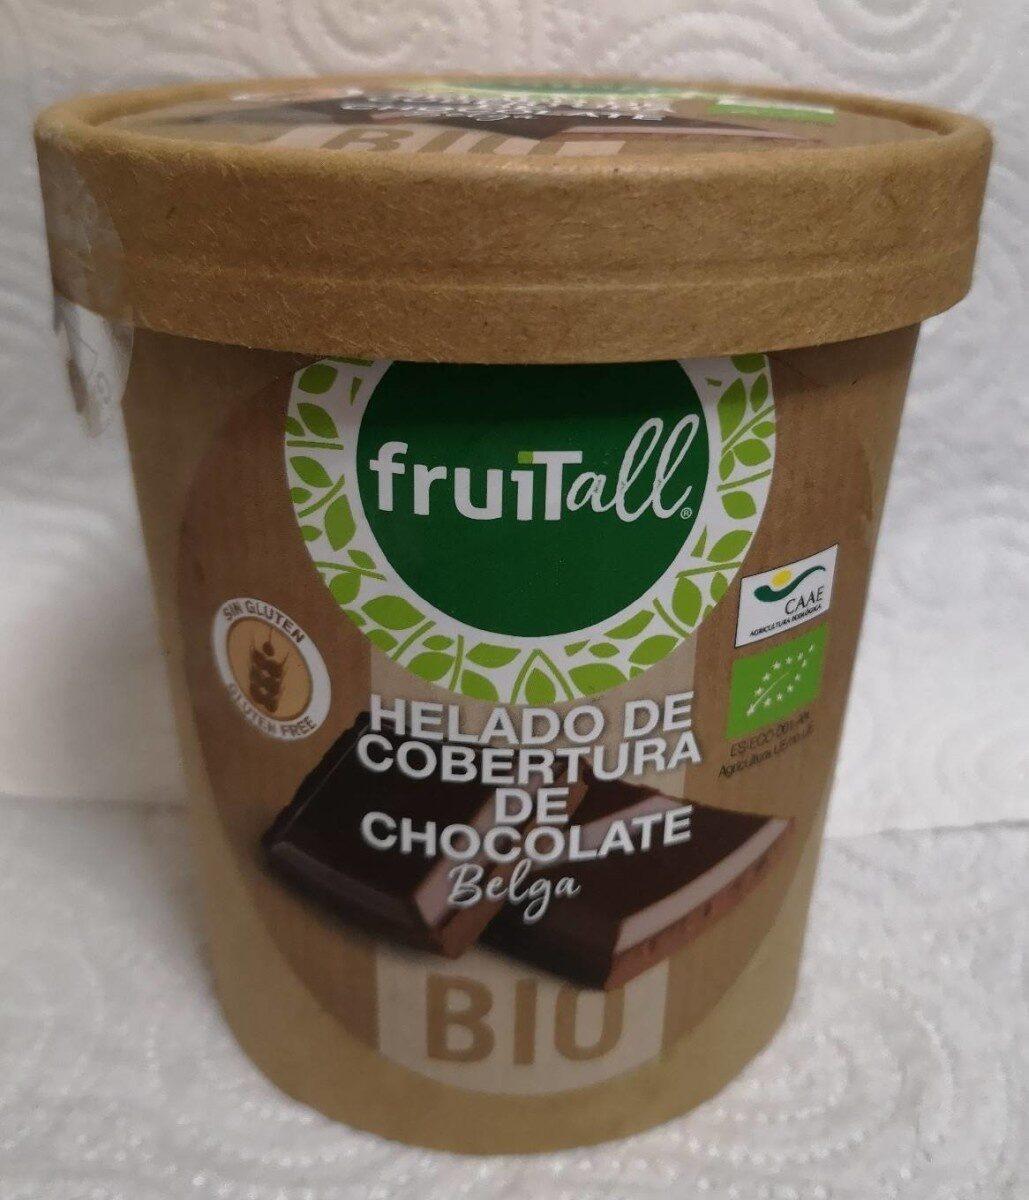 Helado de cobertura de chocolate Belga - Producto - es